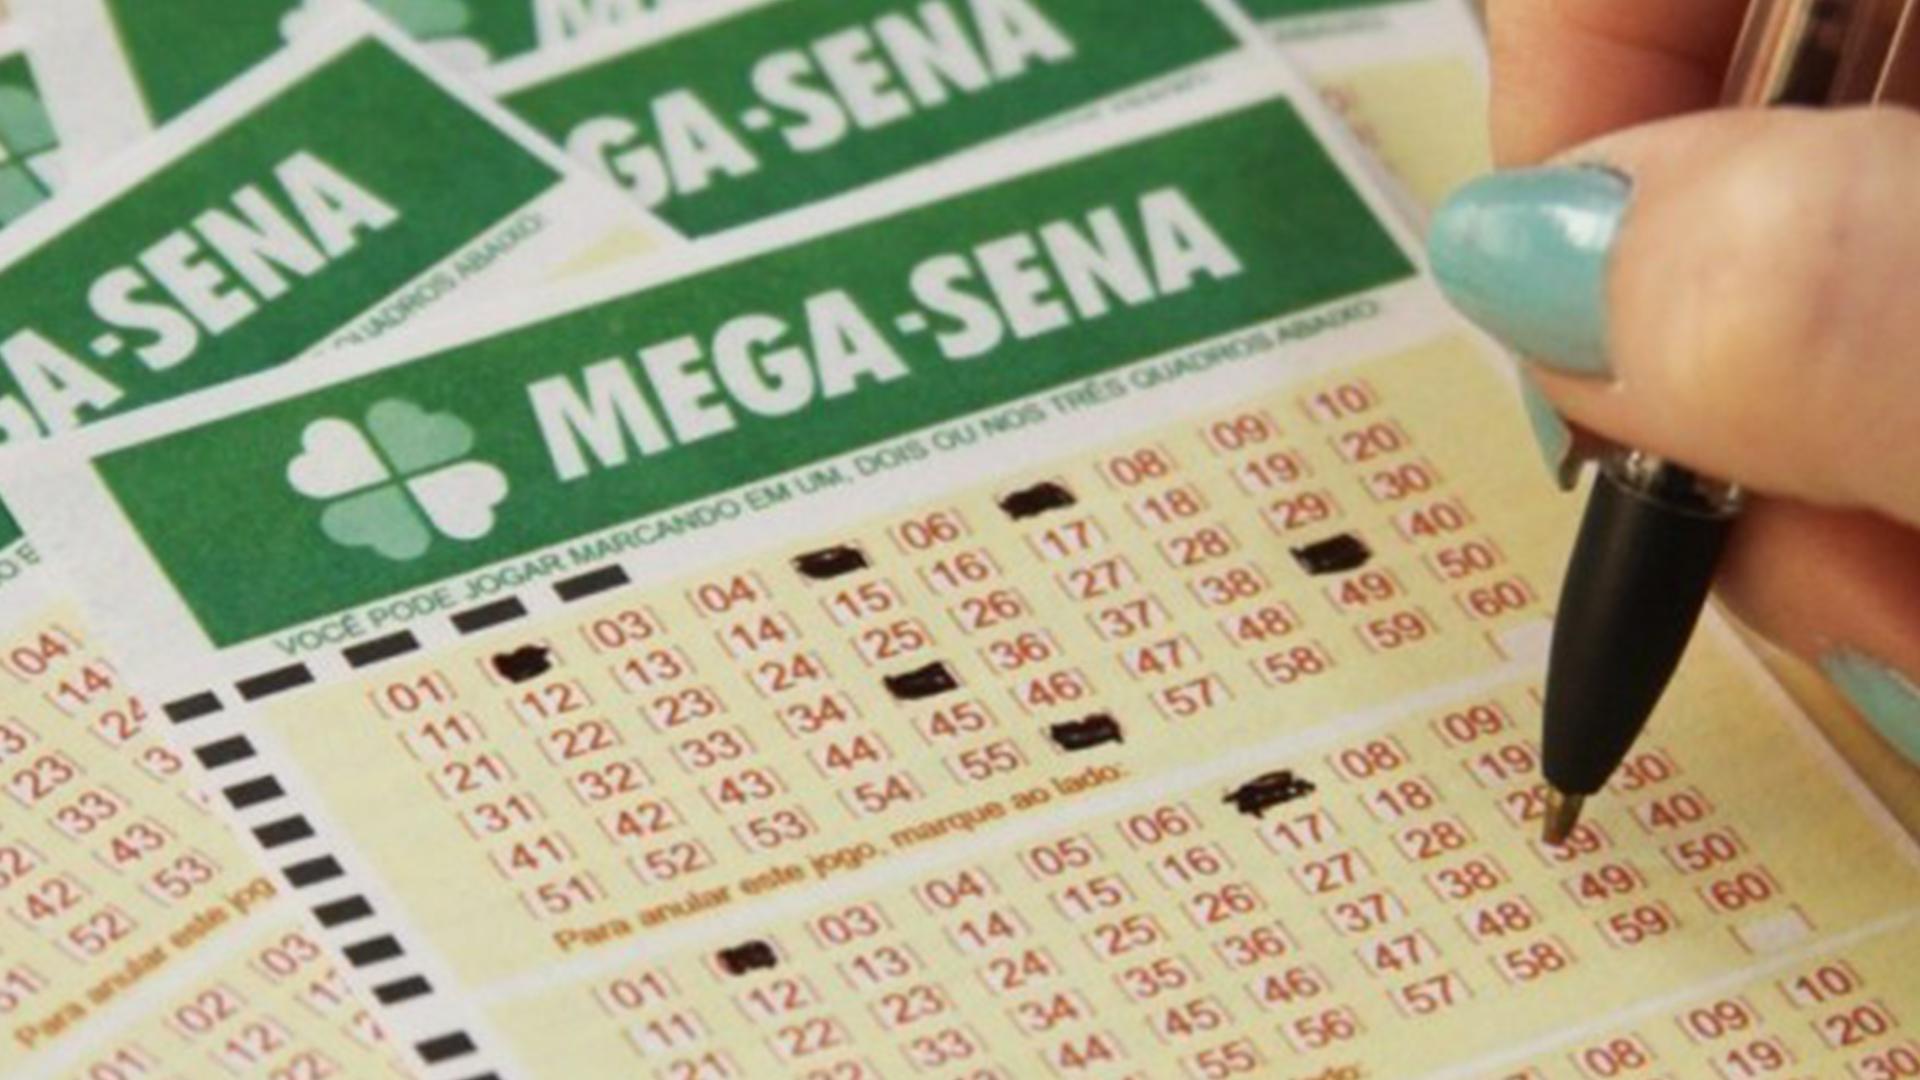 Prêmio da Mega pode chegar a R$ 20 milhões